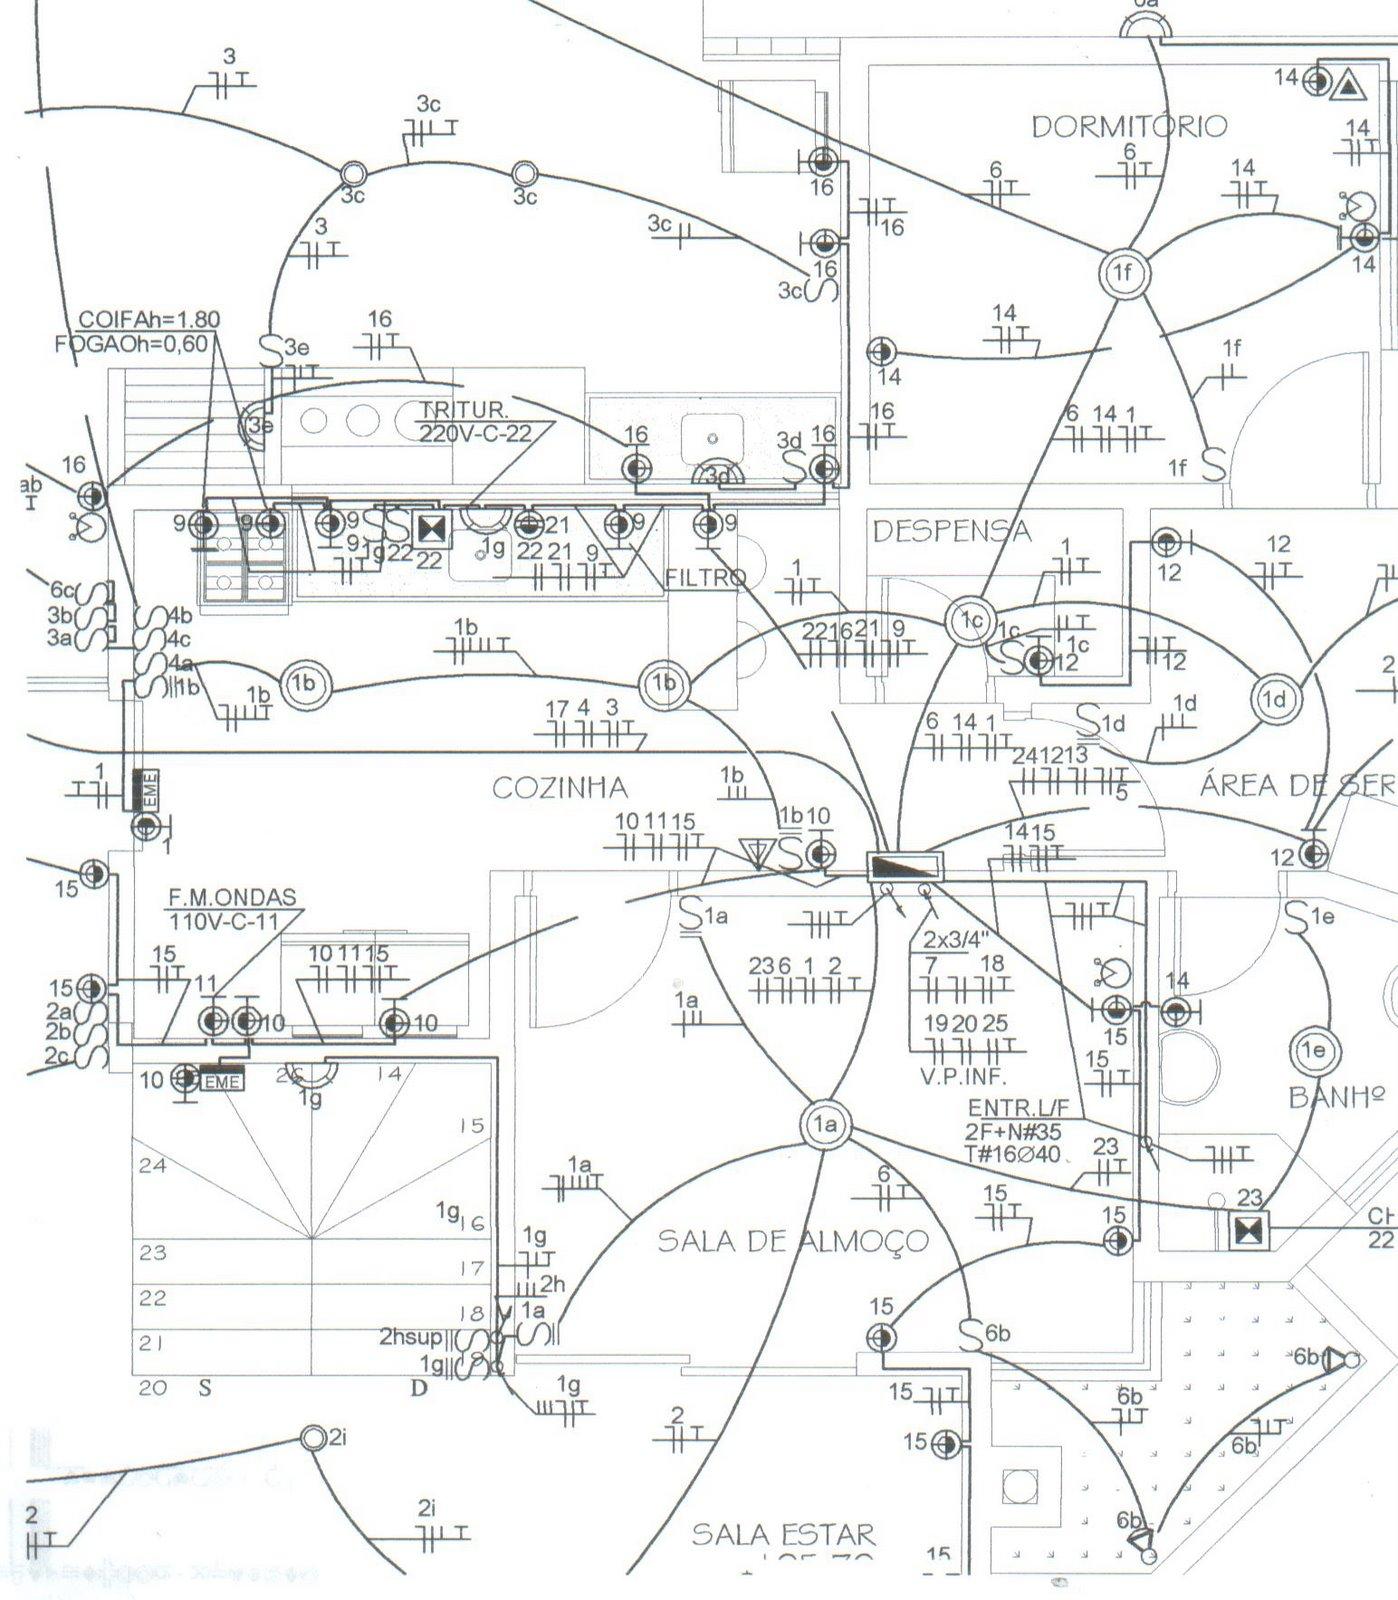 Diagrama Eletrico Hisen Split Diagrama Eletrico De La